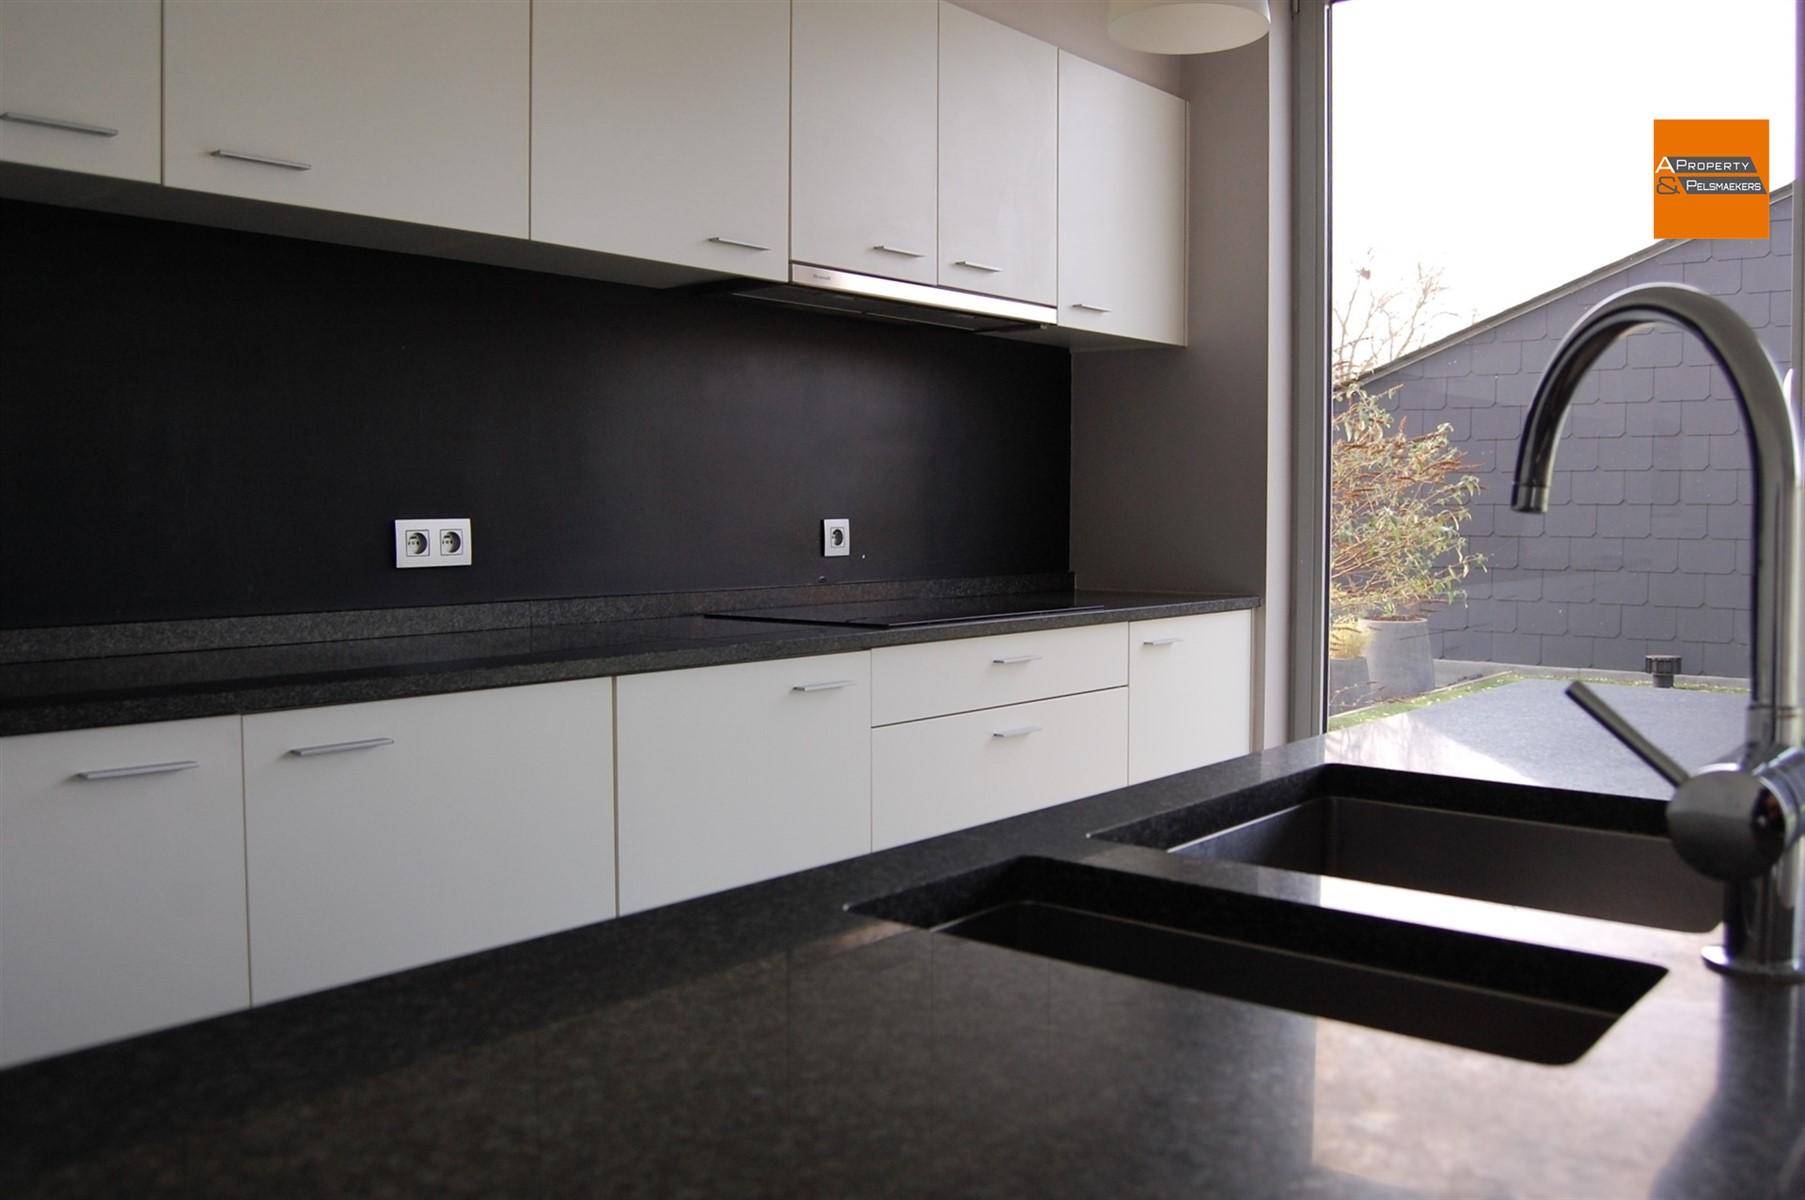 Foto 5 : Appartement in 3070 Kortenberg (België) - Prijs € 361.600